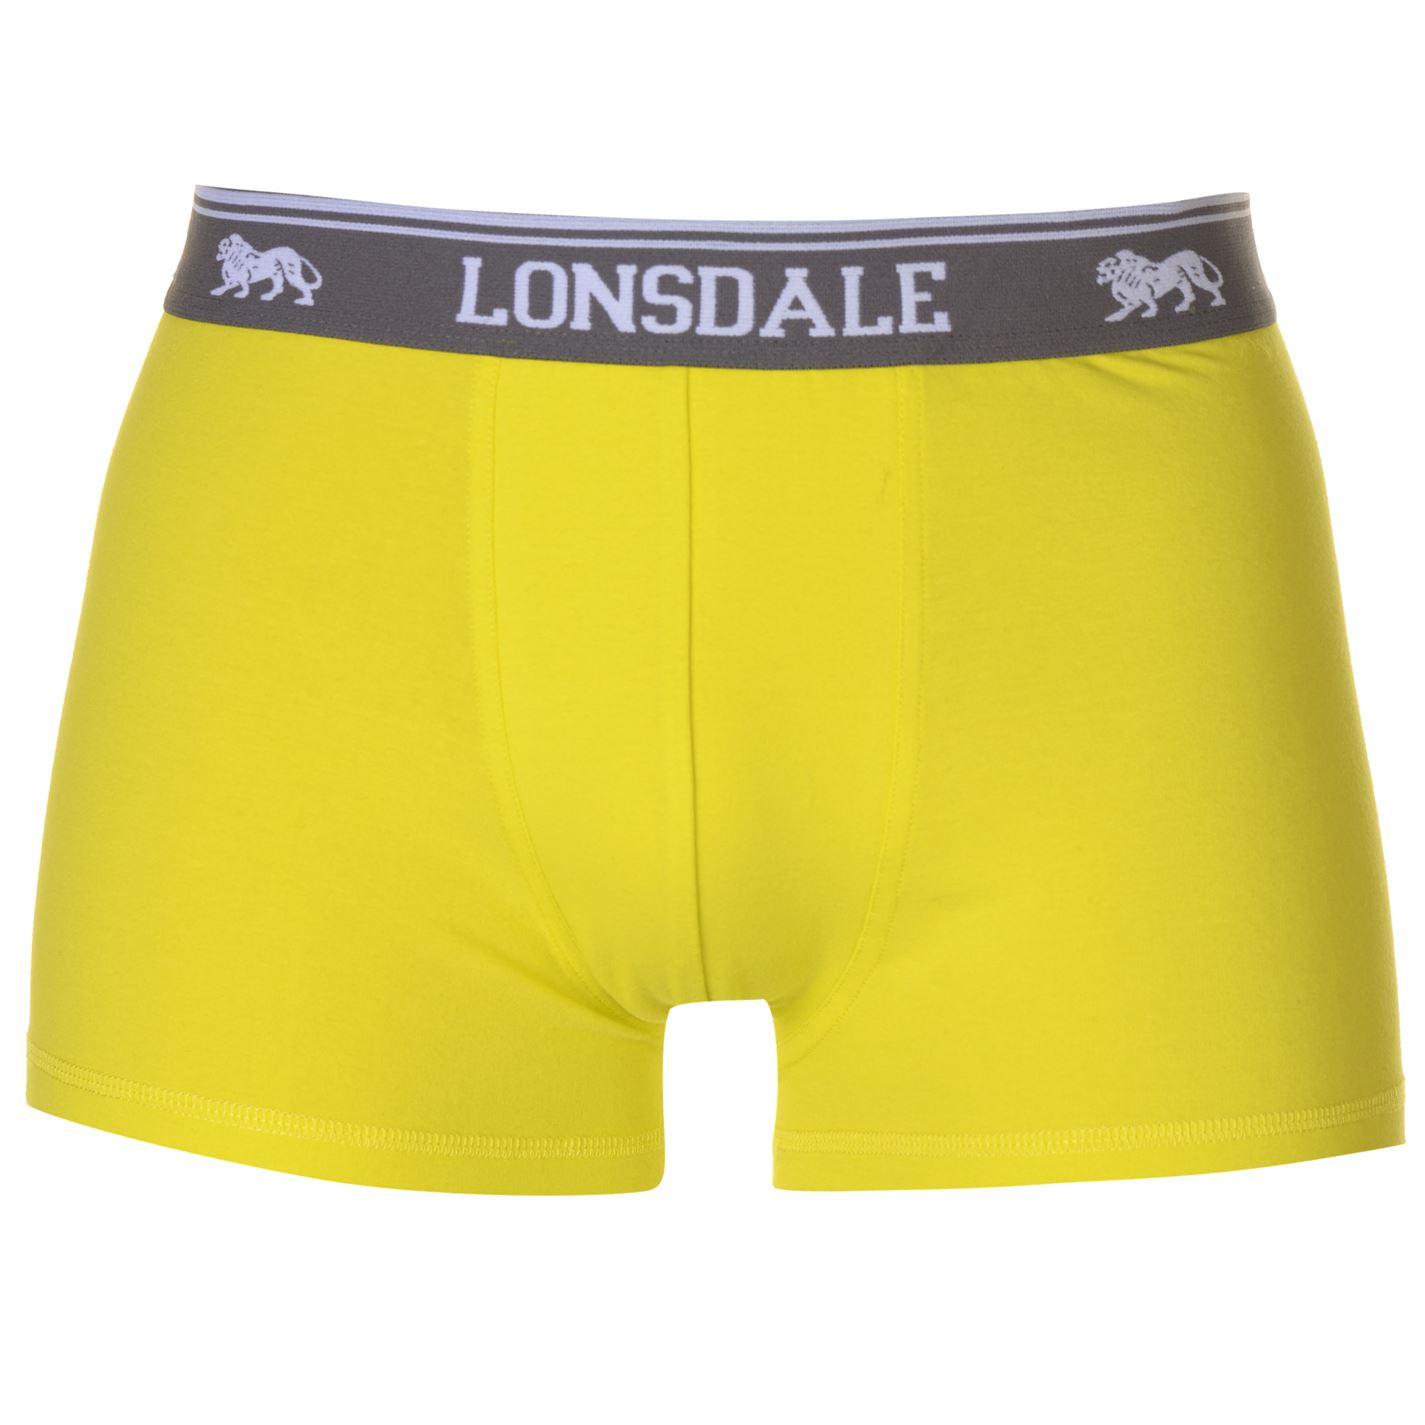 Men's boxers  Lonsdale Trunk